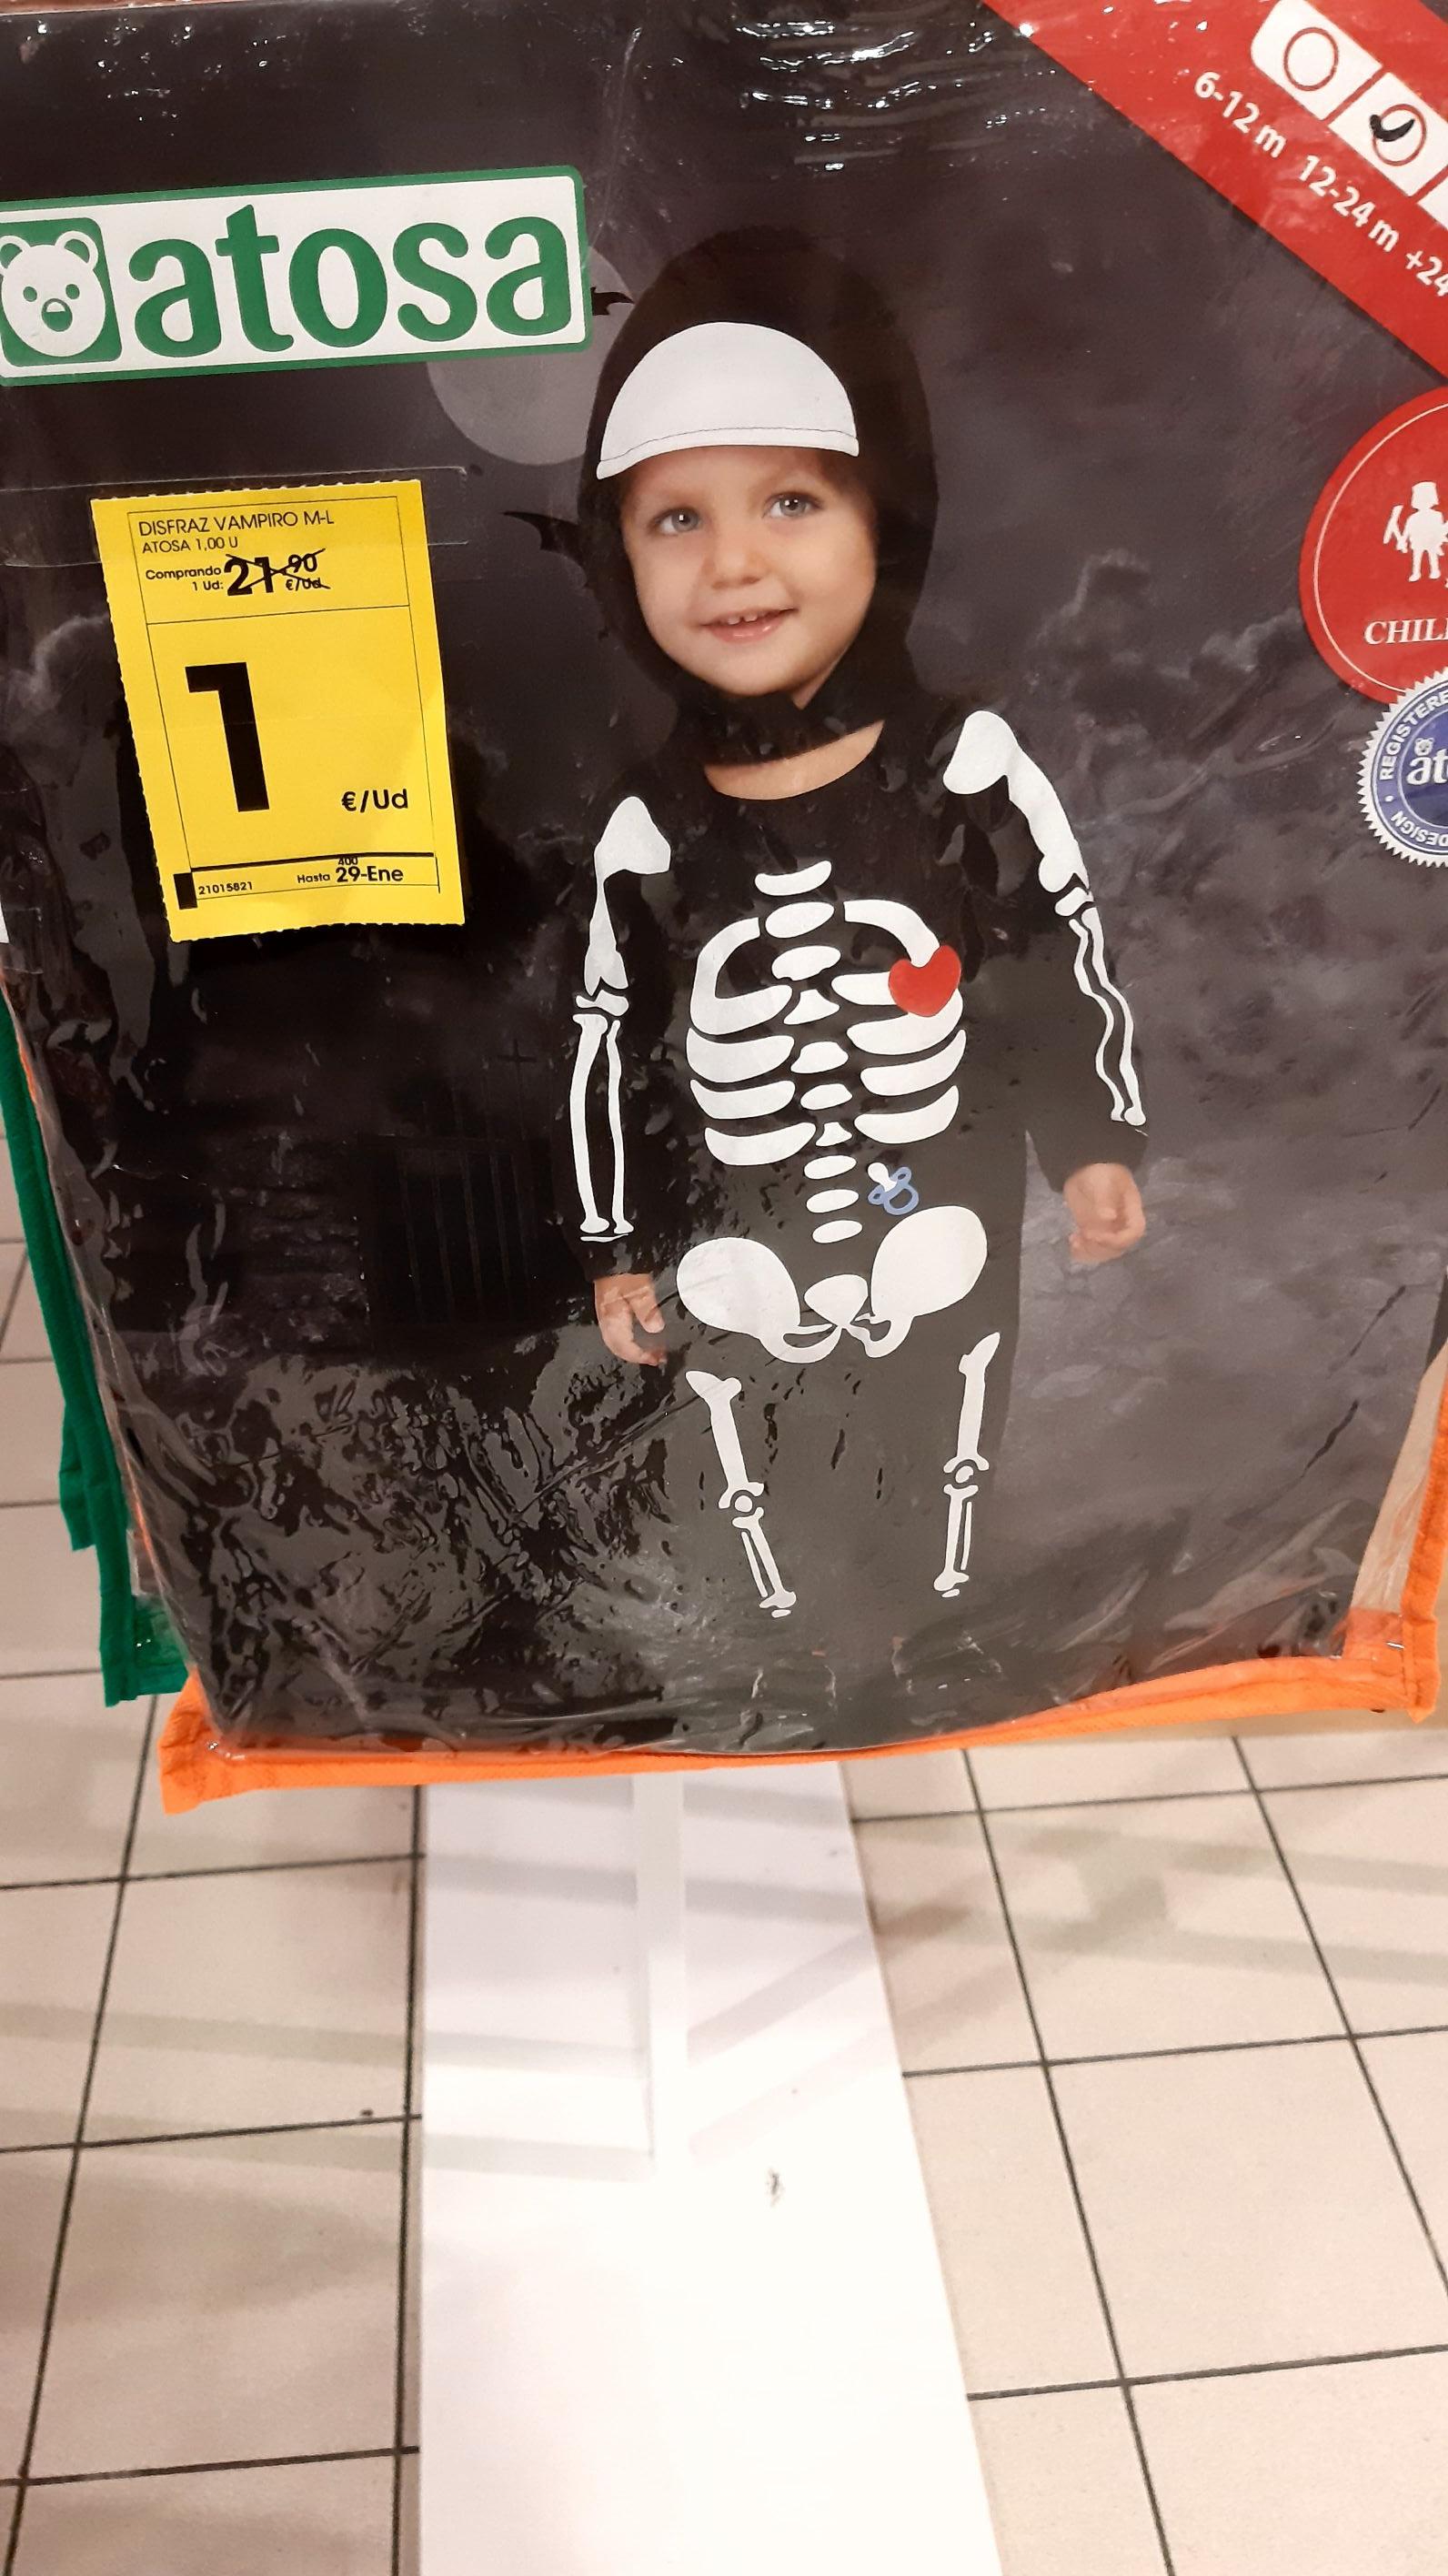 Disfraces niños/as halloween 1 euro Visto en Eroski de Garbera( San Sebastián)